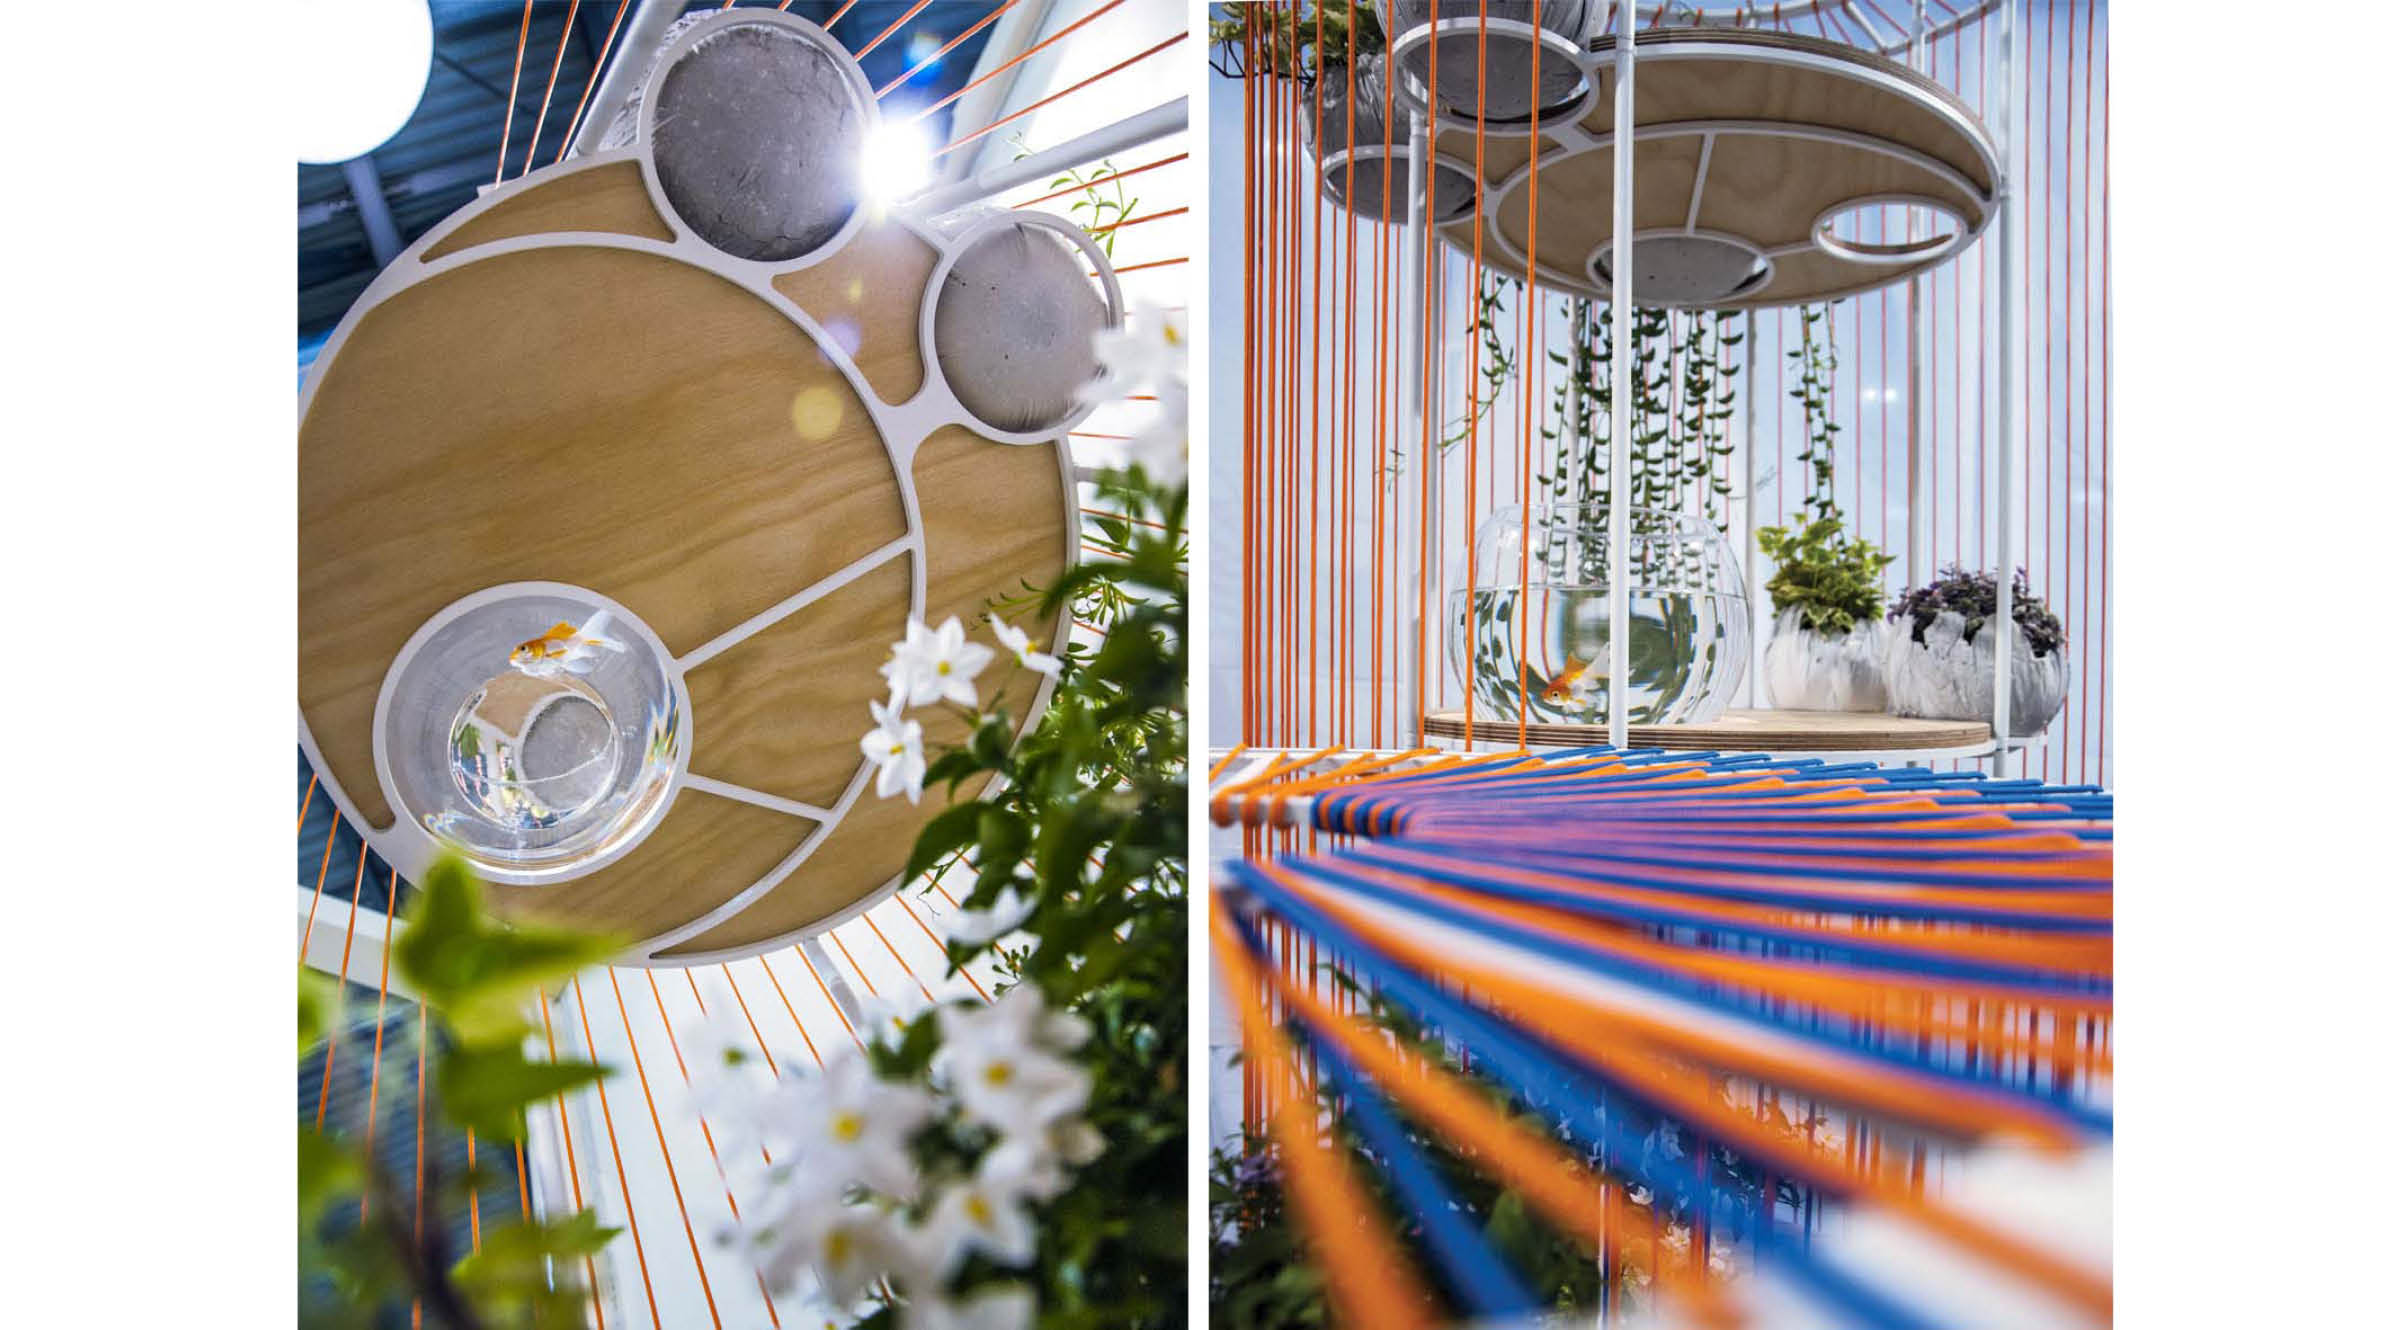 Bolina ist Kunstobjekt und Garten zugleich